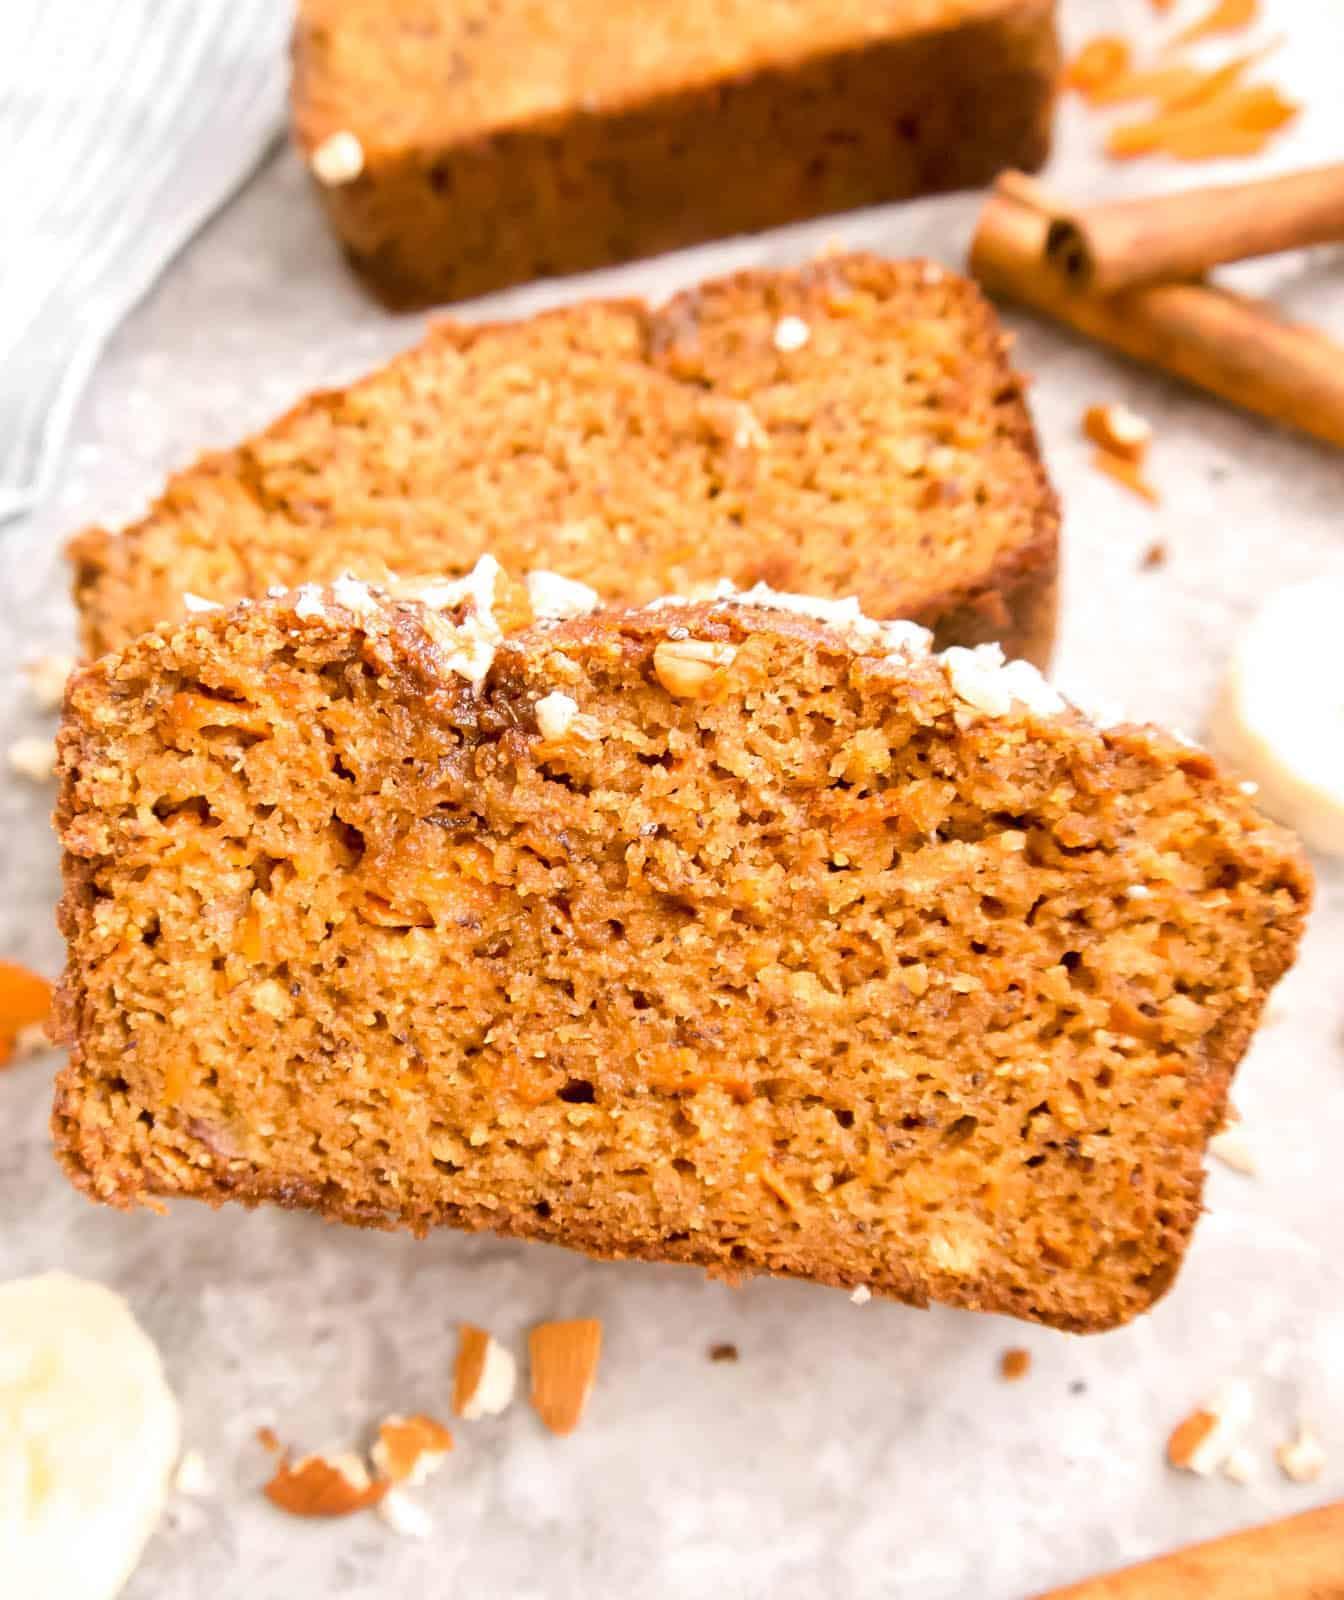 Paleomg Carrot Cake